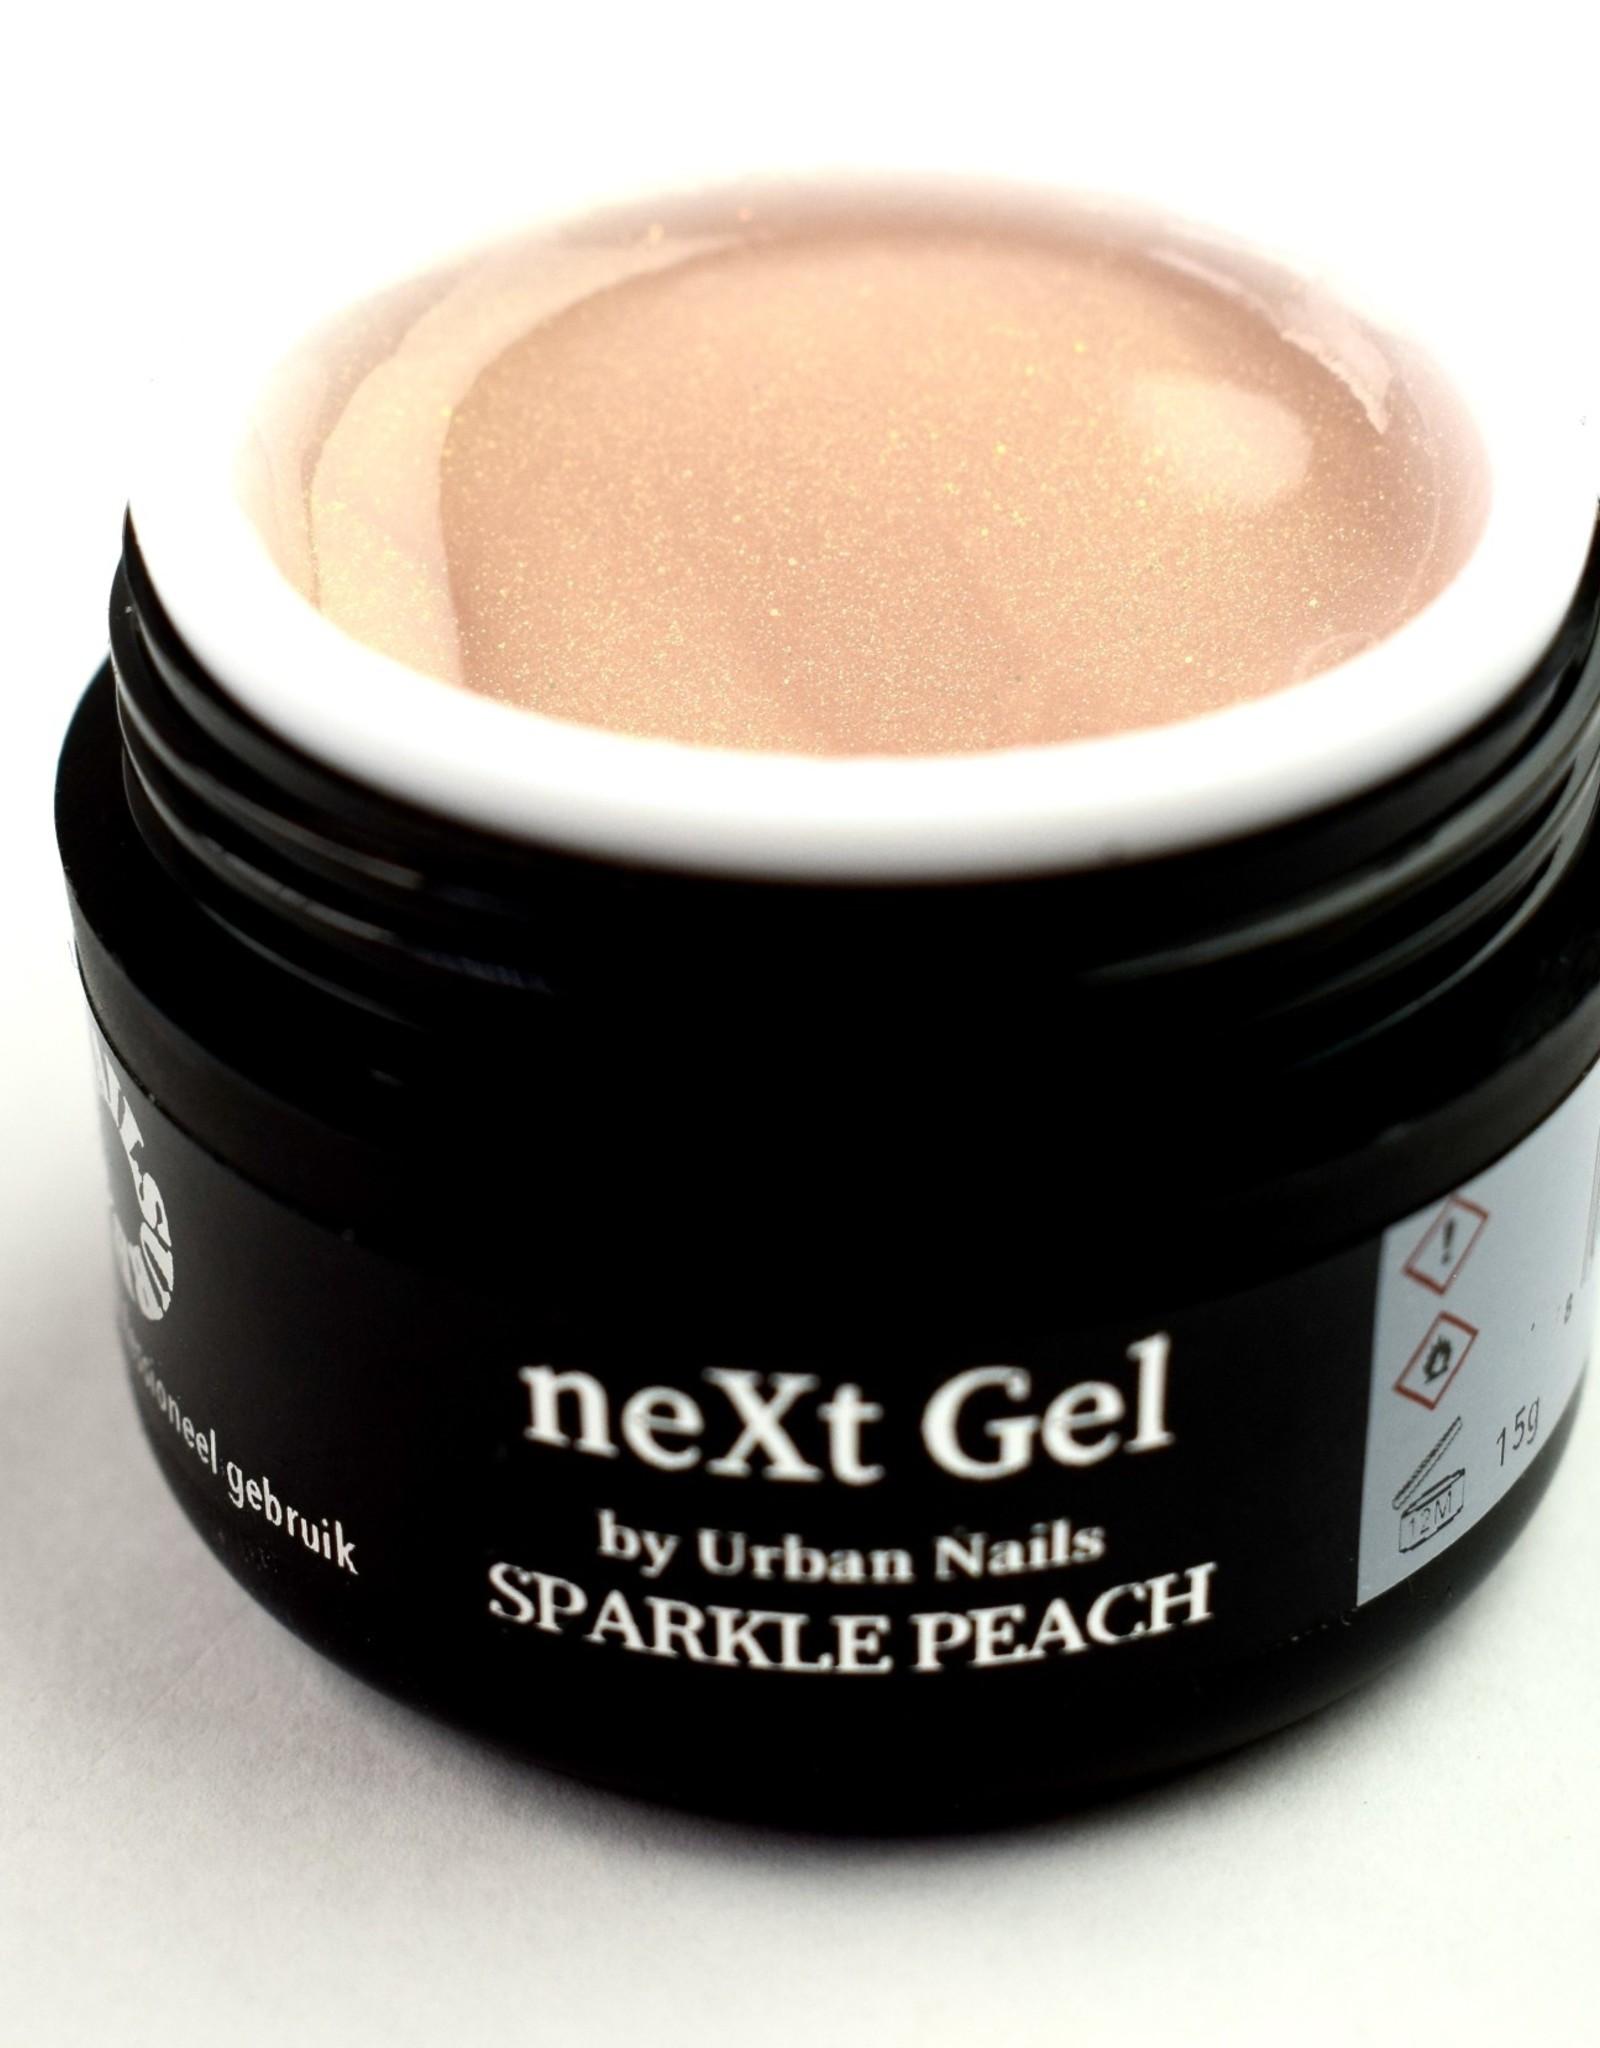 Urban Nails Next Gel Sparkle Peach